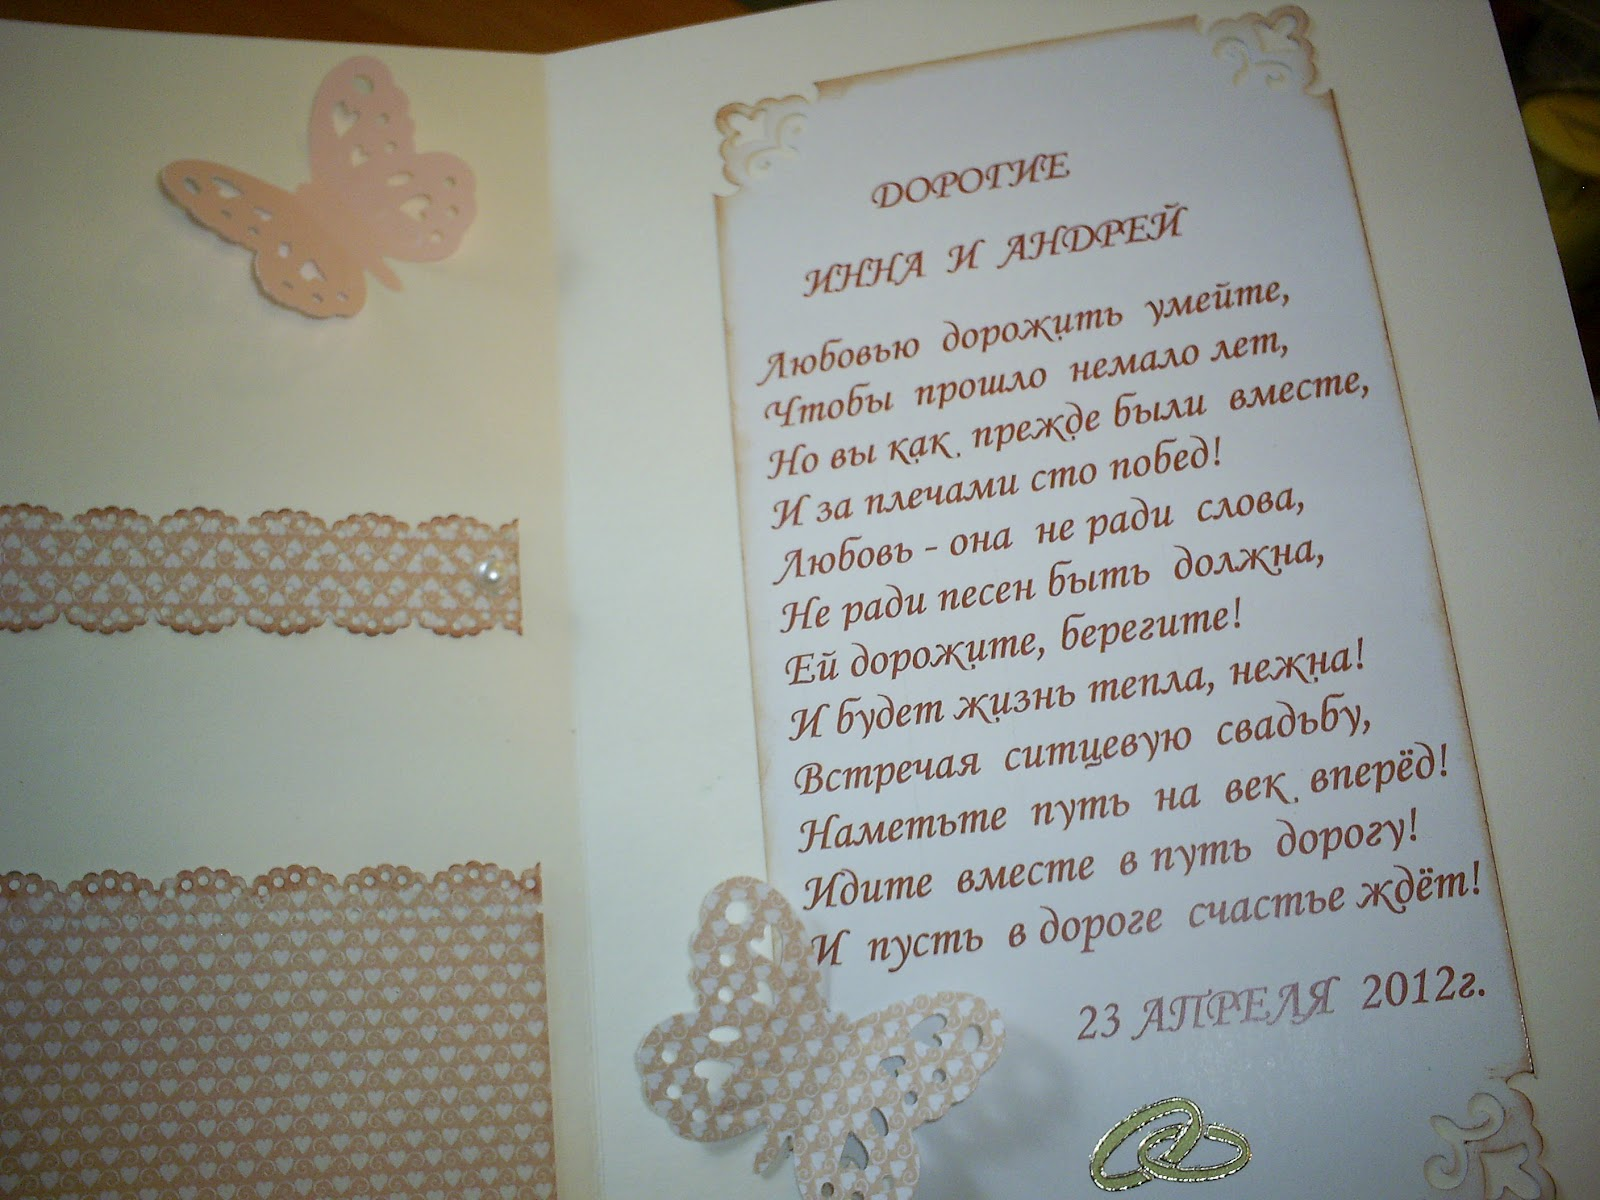 Ситцевая свадьба поздравления прикольные сценки 7